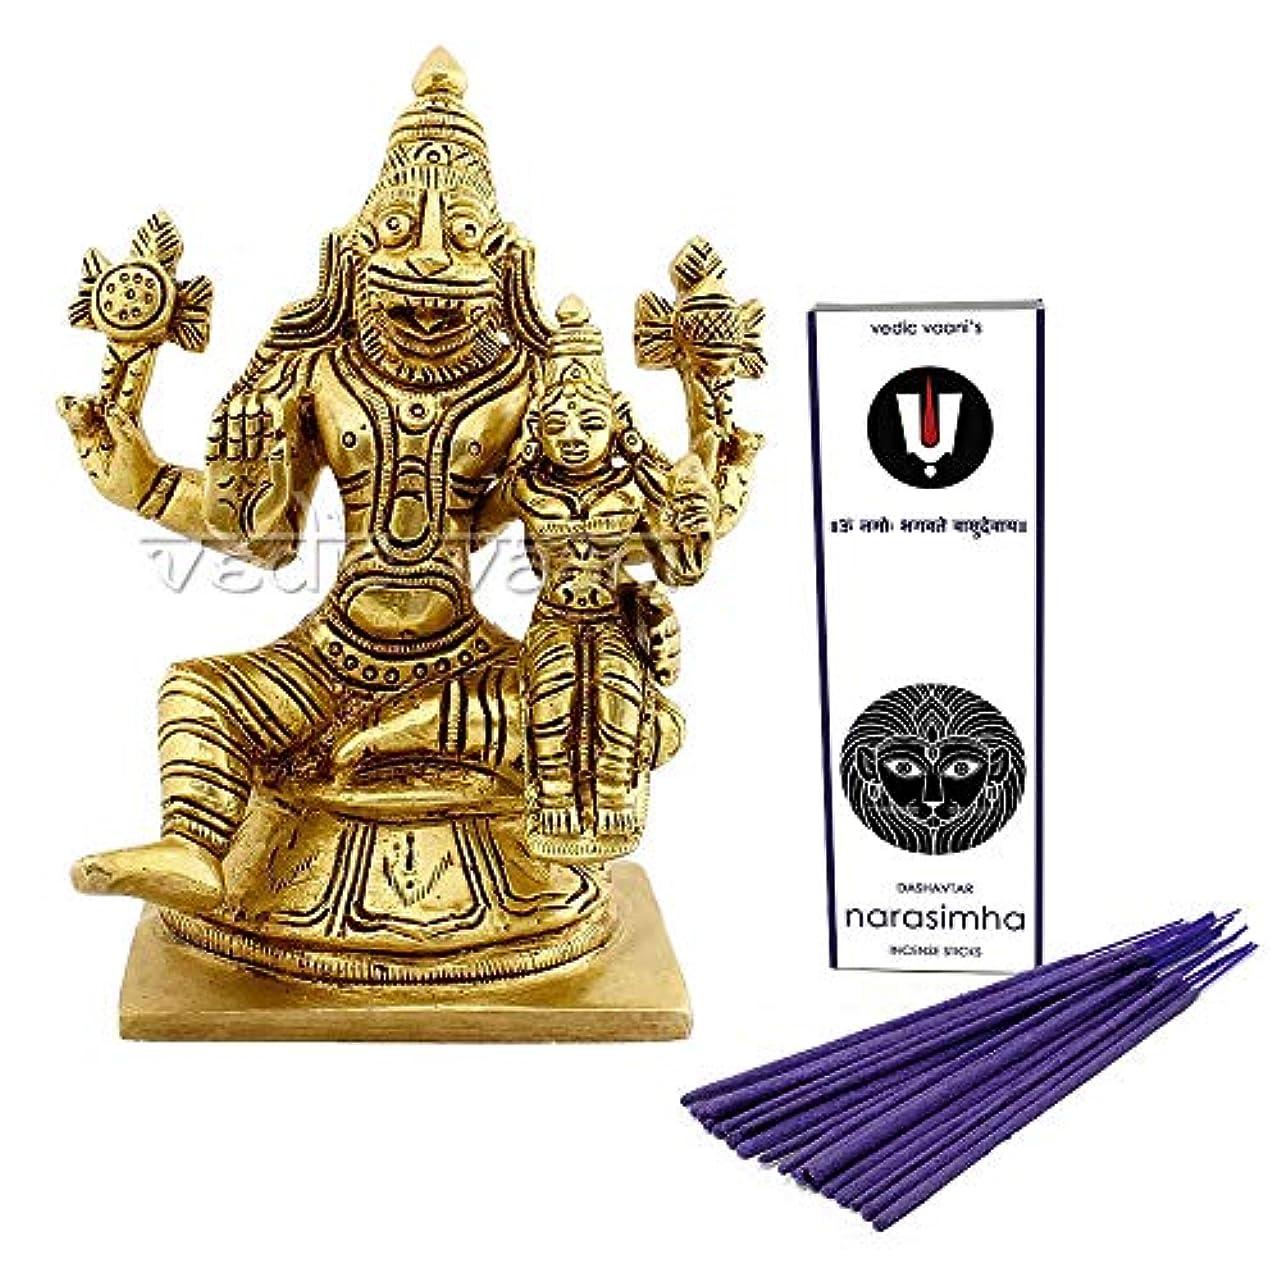 滑り台受け皿謎めいたヴェディック Vaani Sri Lakshmi Narasimha Swamy Murti Narasimha お香スティック